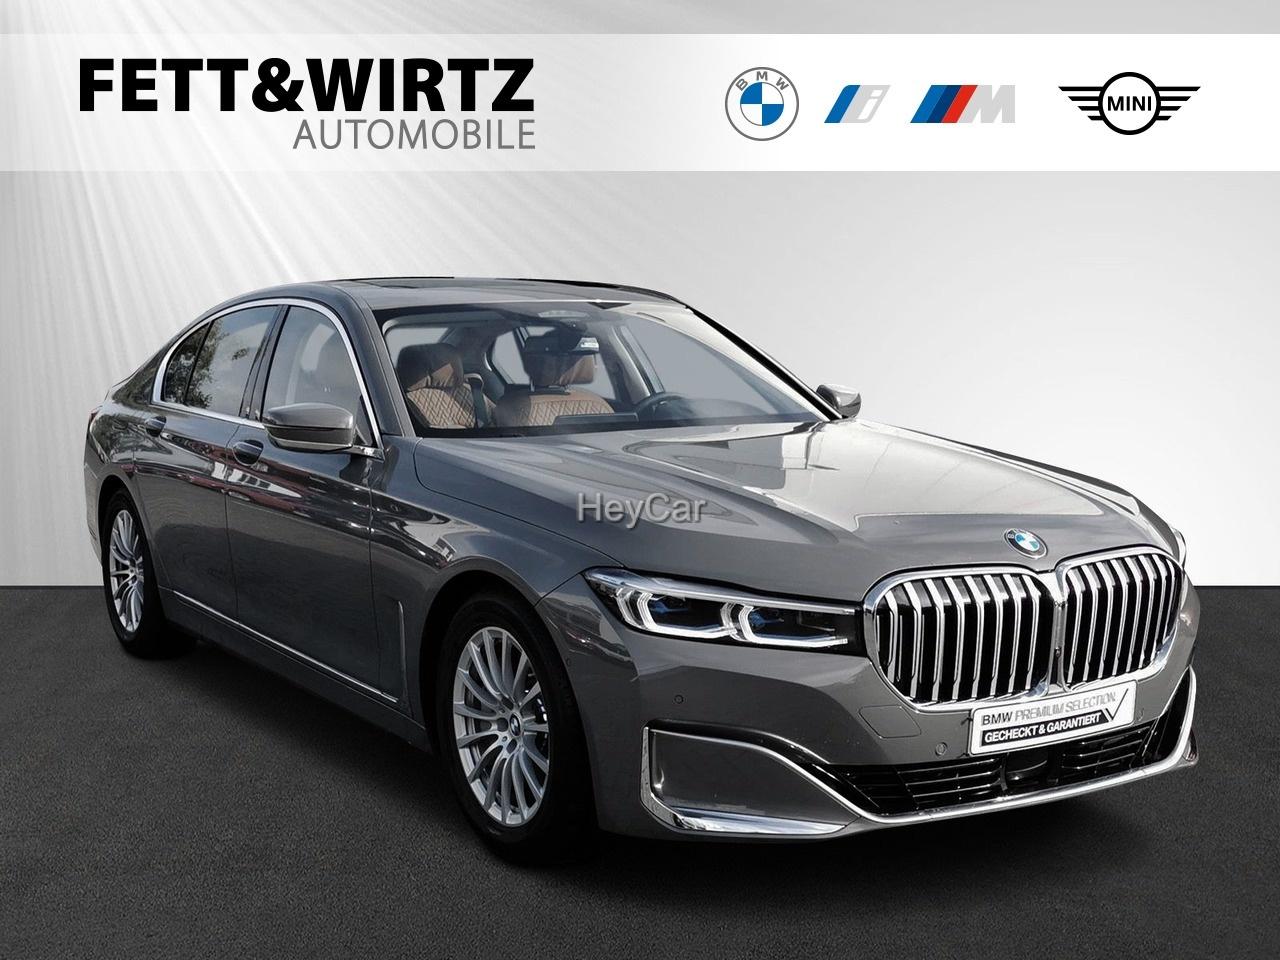 BMW 745e Sitzlüft. Massage DA + Laser TV+ GSD HUD, Jahr 2020, Hybrid